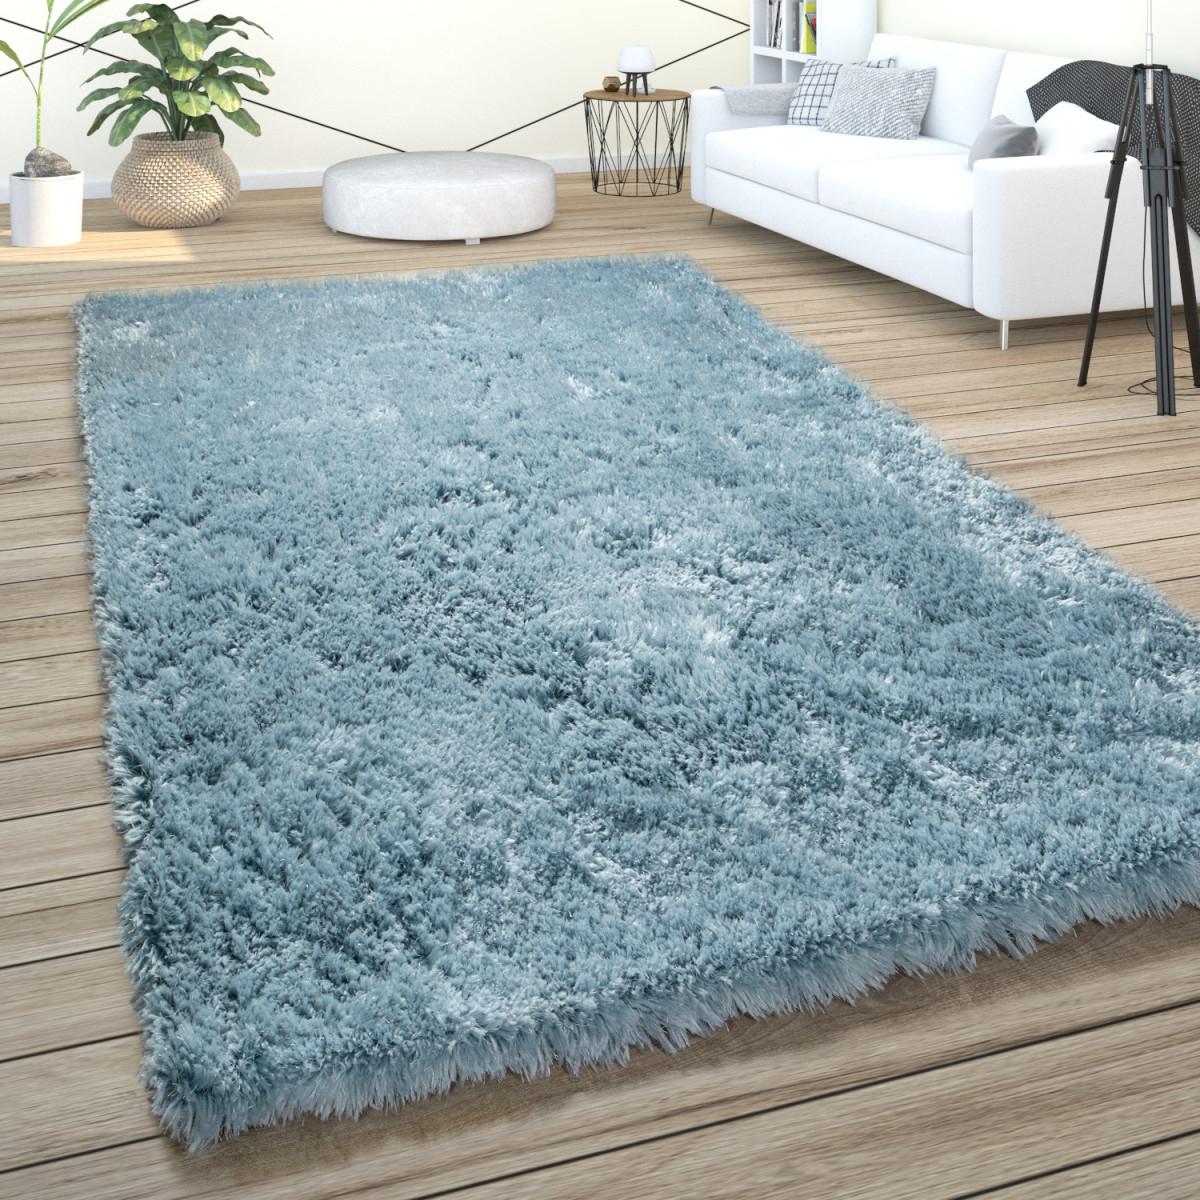 Hochflor Teppich Wohnzimmer Shaggy Pastell Einfarbig Weich Flauschig Türkis von Teppich Wohnzimmer Türkis Bild